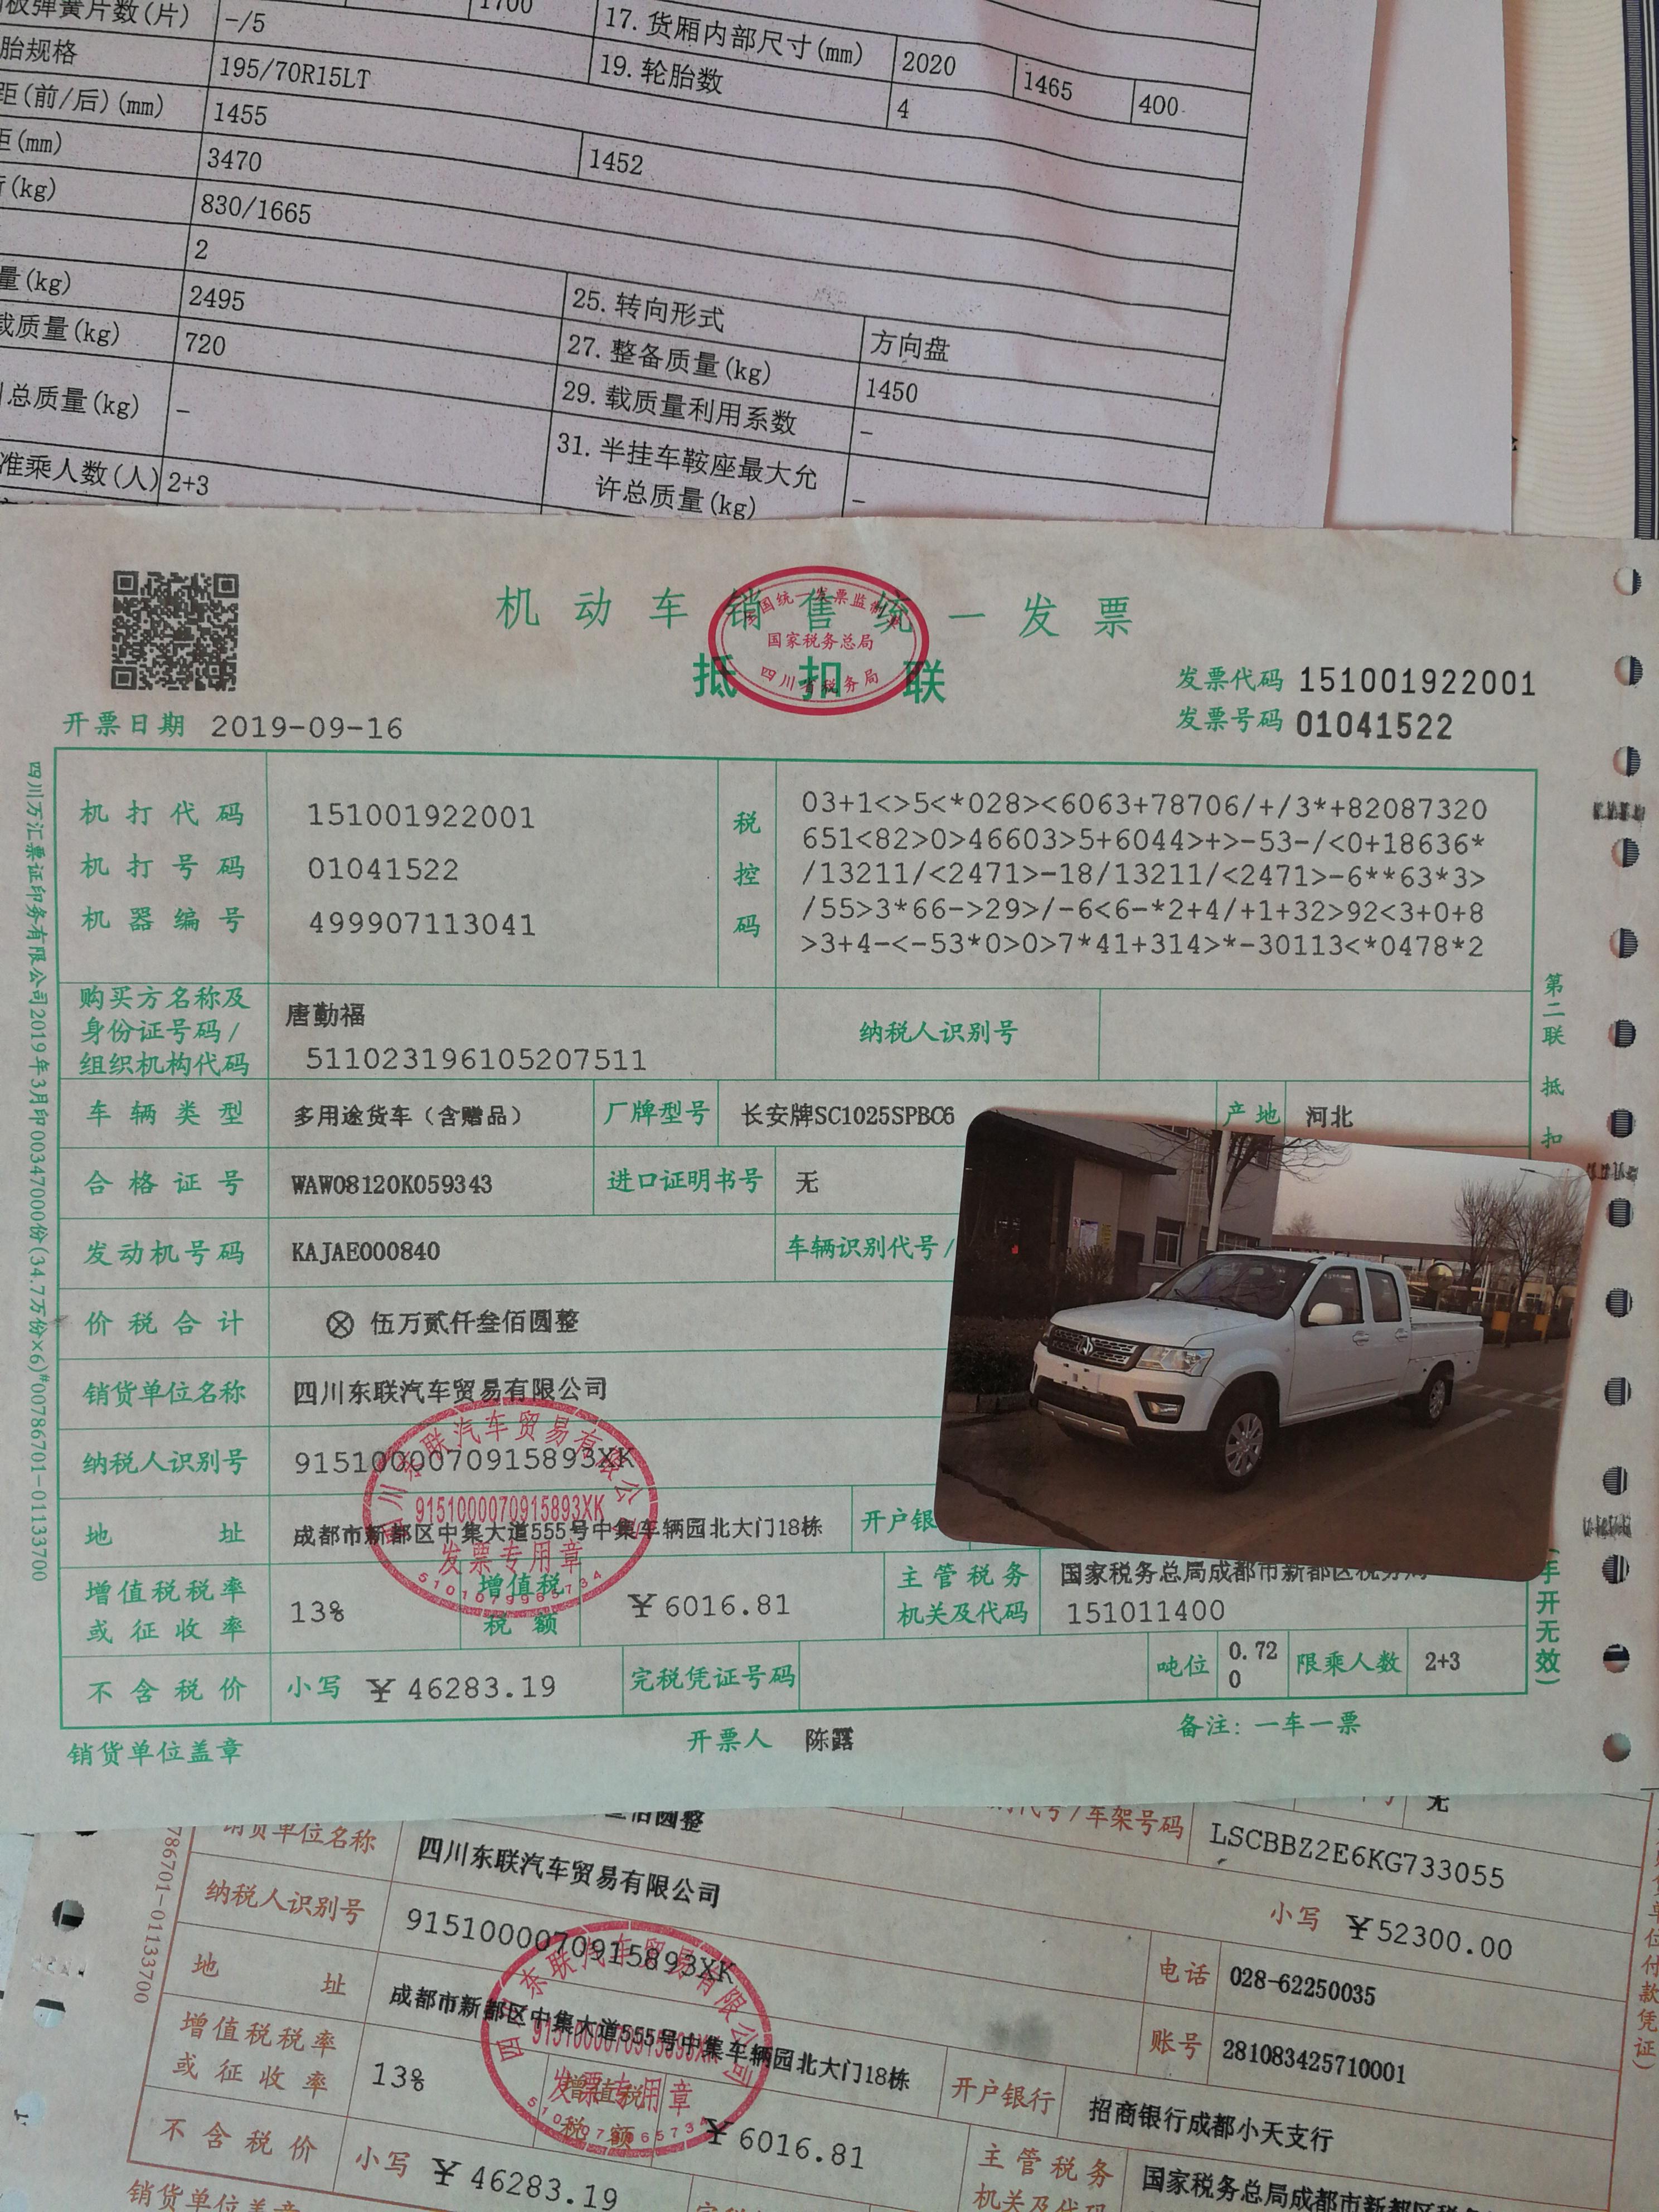 长安凯程 神骐F30 2019款 舒适版 1.5L汽油 116马力 双排短轴距皮卡(国六)口碑